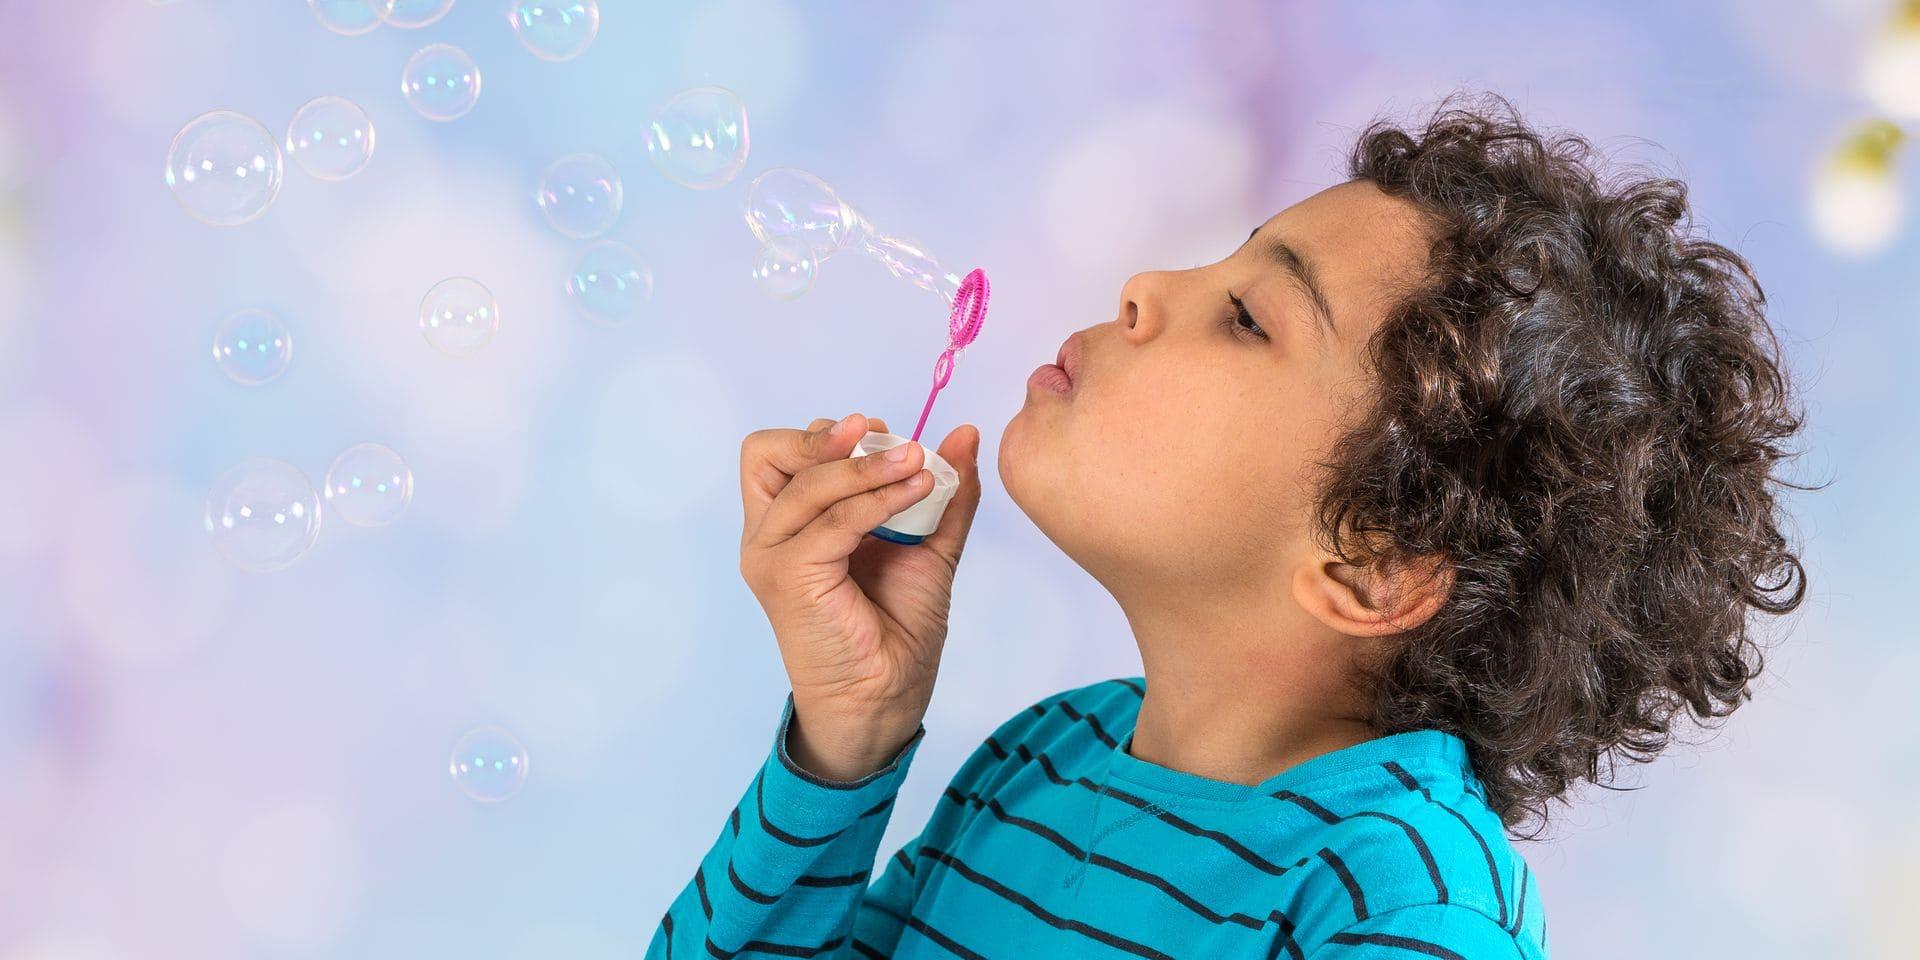 Objectif: plus aucun enfant né à partir de 2019 ne commencera à fumer